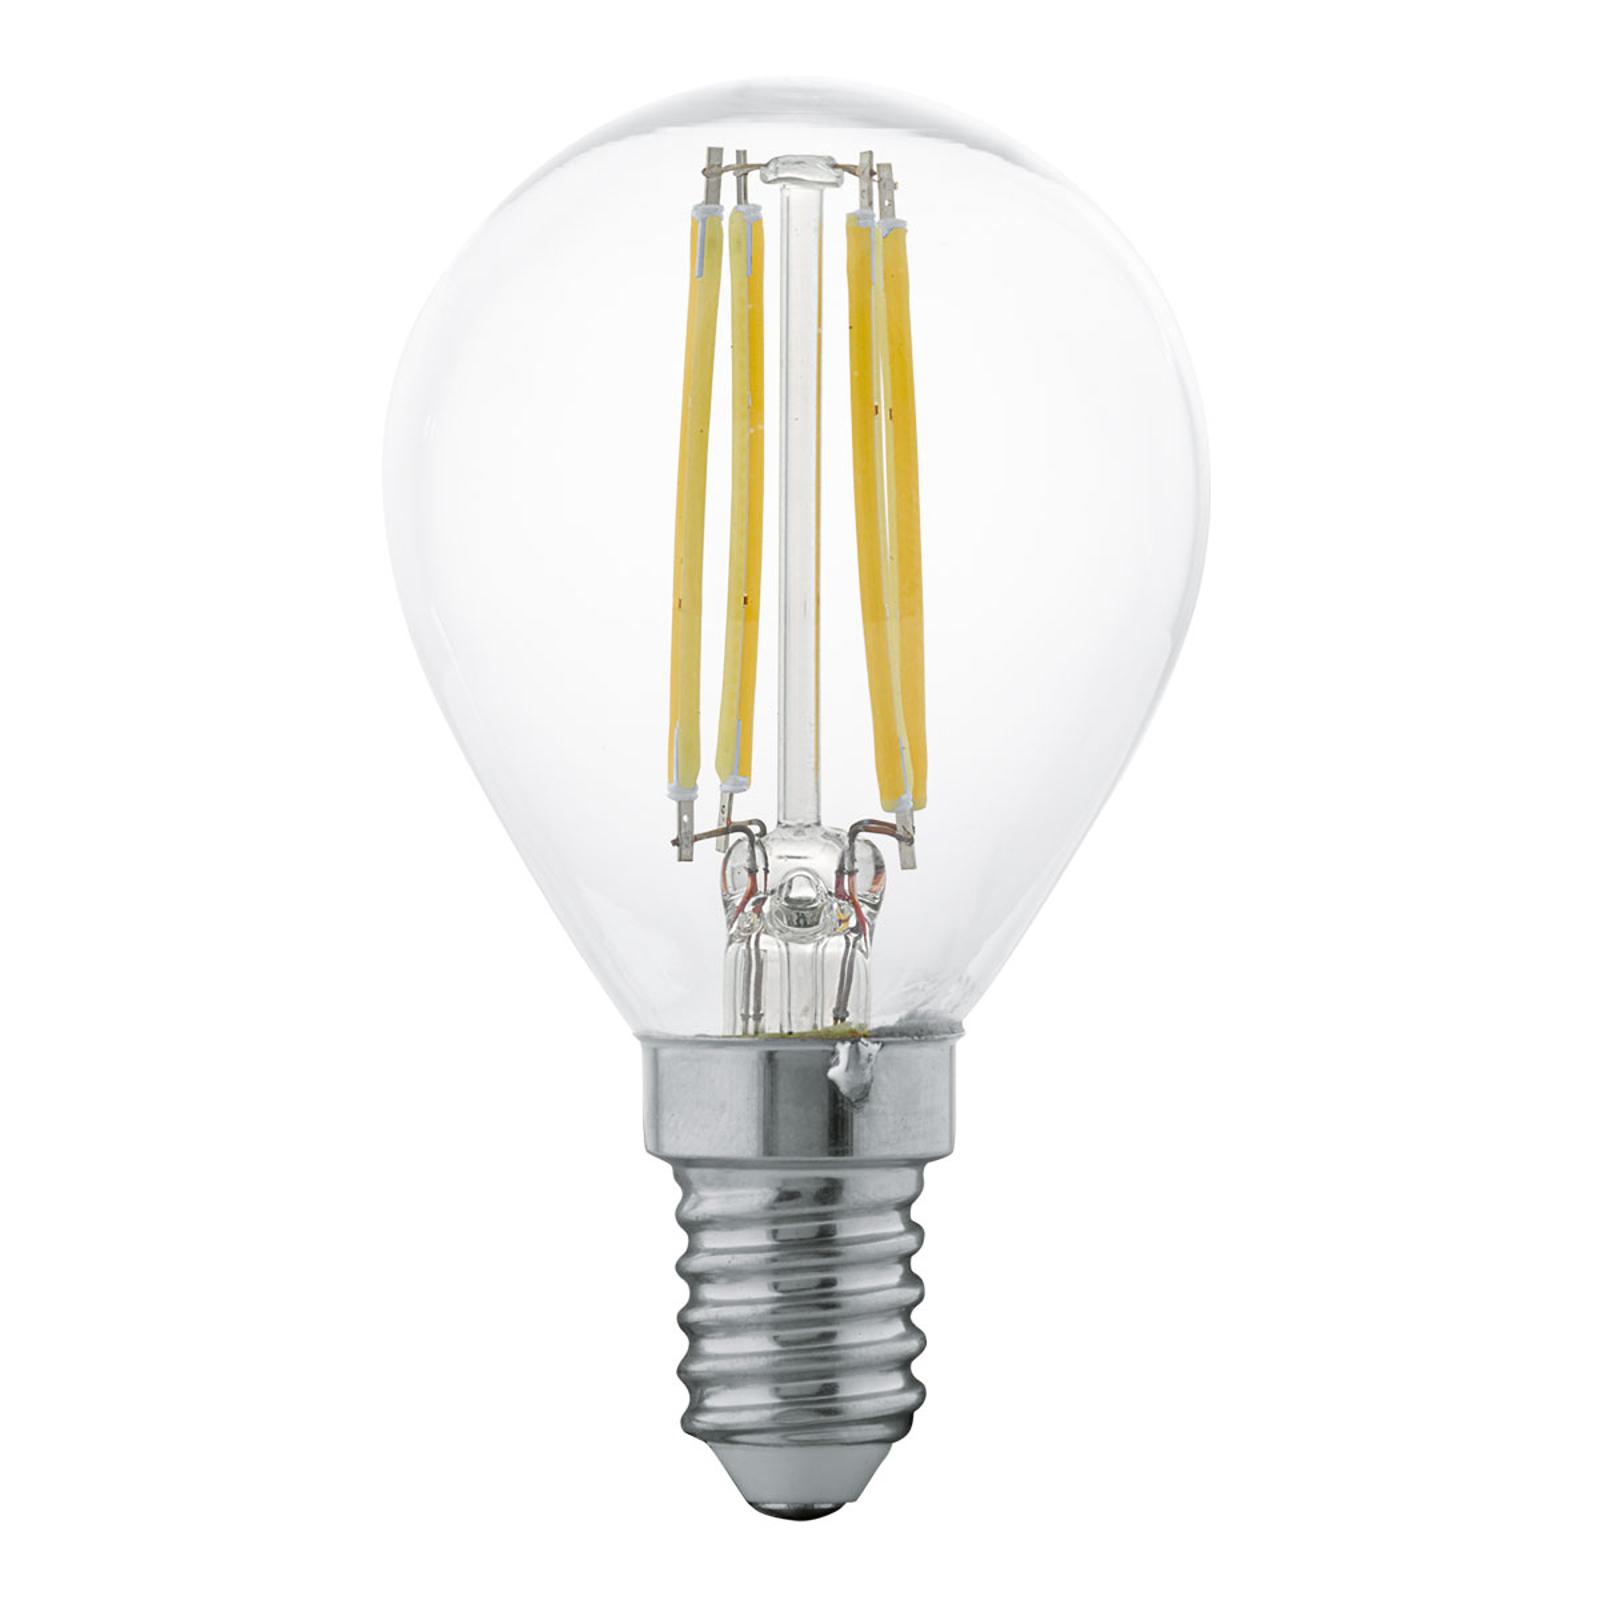 LED-filamentpære E14 P45 4 W, varmhvit, klar